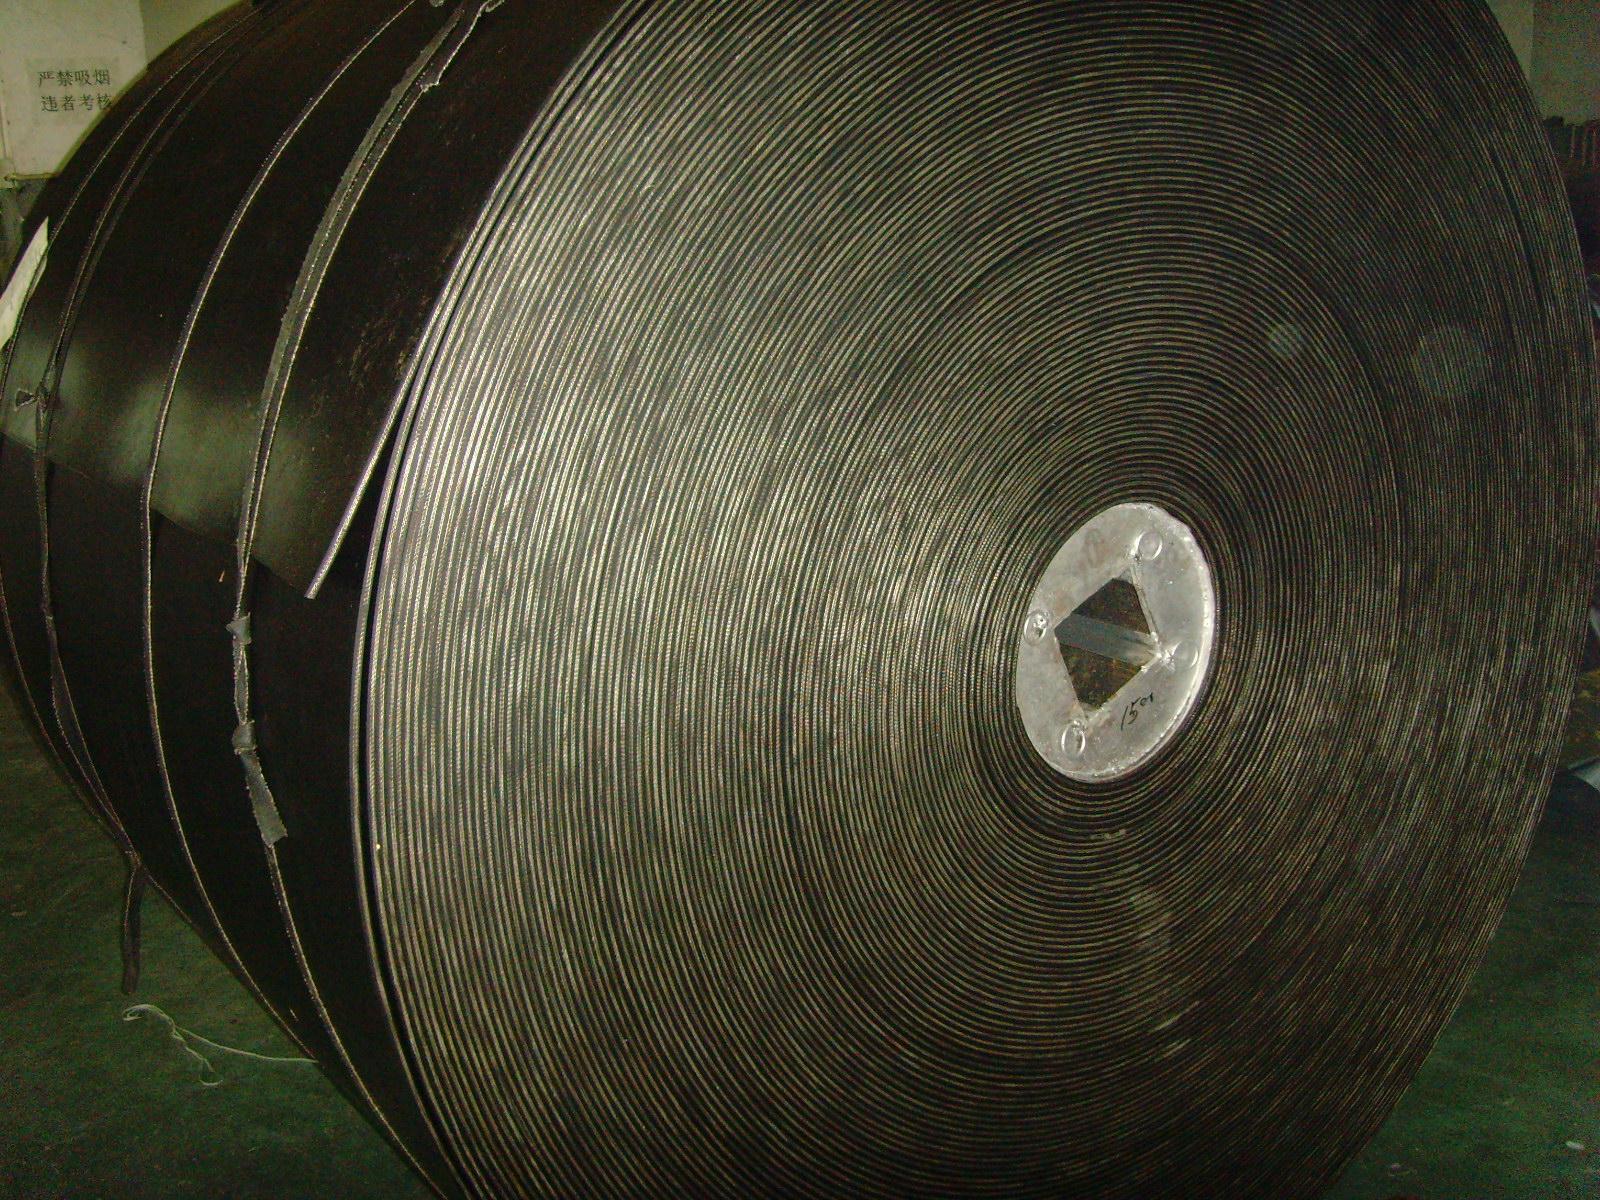 EP conveyor belt 1